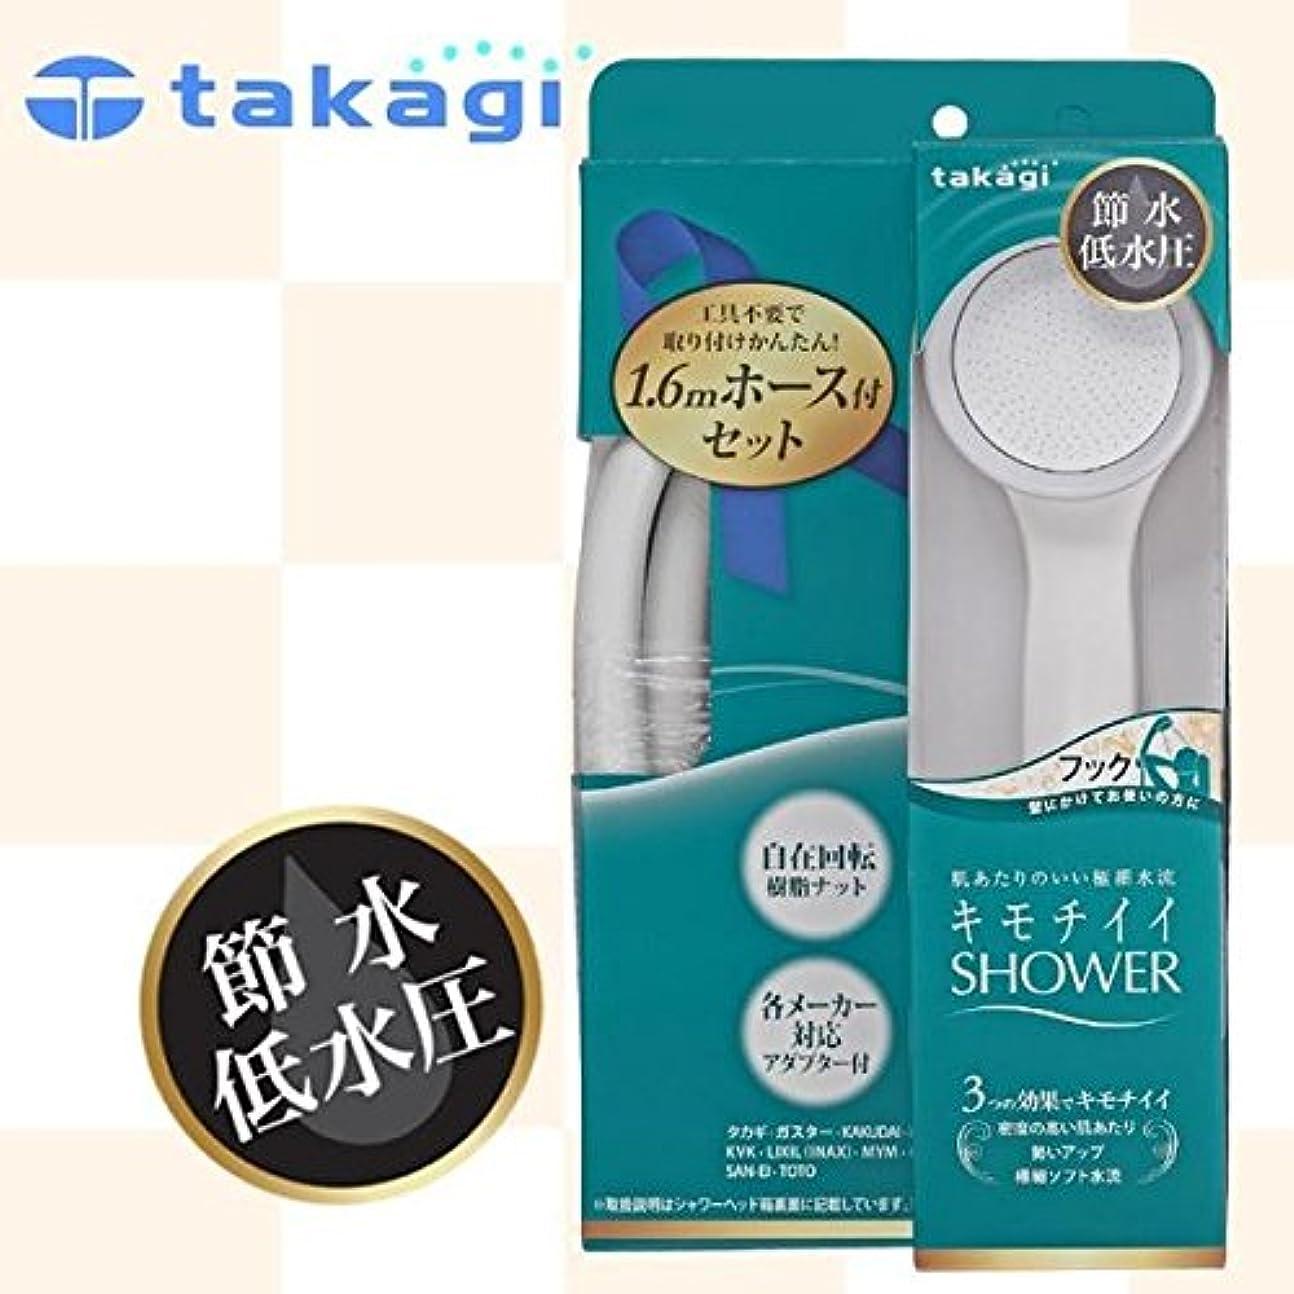 繊毛プロトタイプ割るtakagi タカギ 浴室用シャワーヘッド キモチイイシャワーホースセットWT フックタイプ【同梱?代引不可】